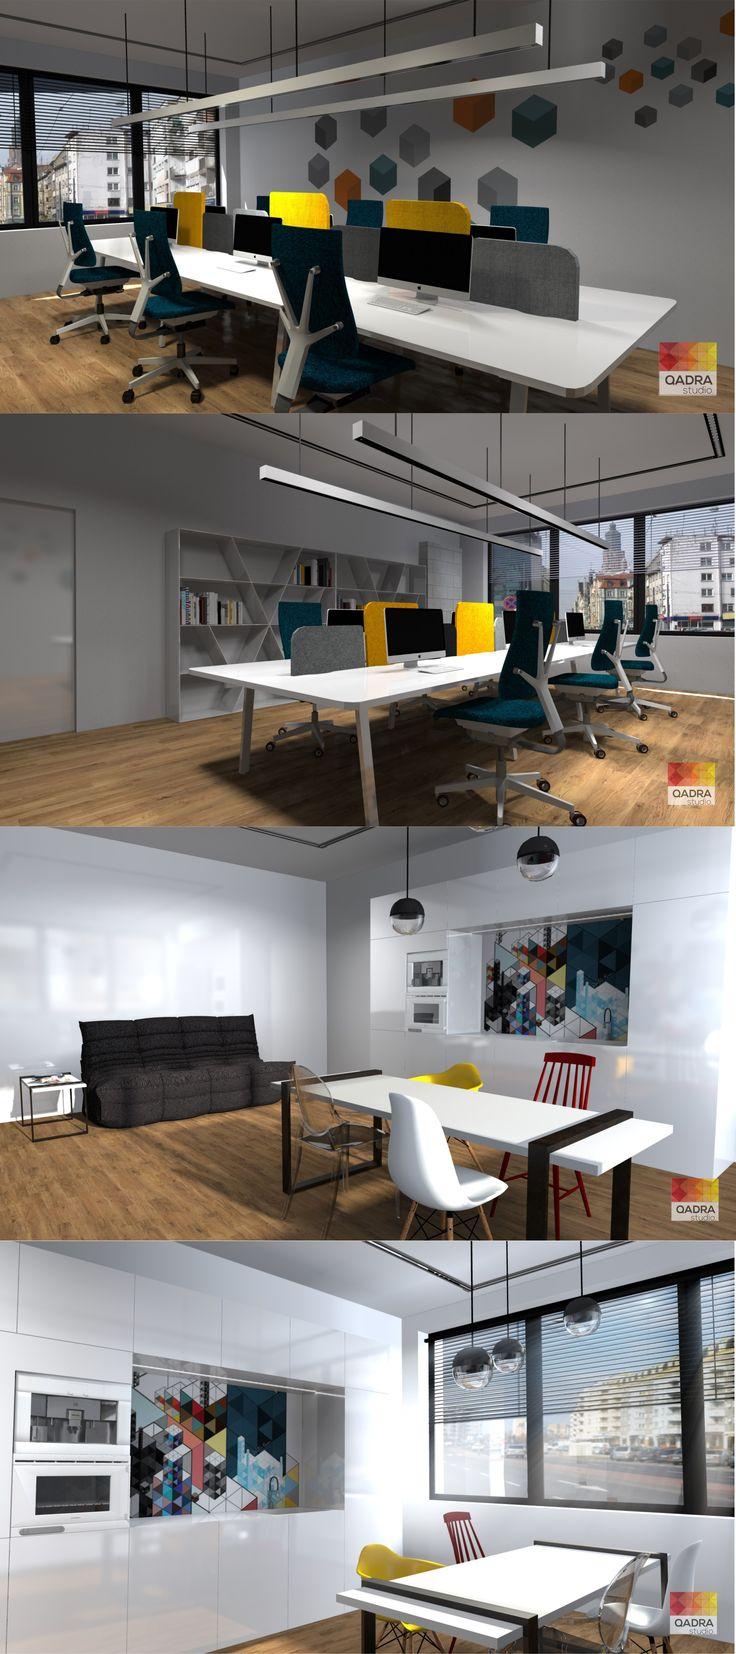 Projekt i wizualizacje: Kamila Mucha QADRA studio. www.qadrastudio.pl www.facebook.pl/qadrastudio  #biuro agencji kreatywnej